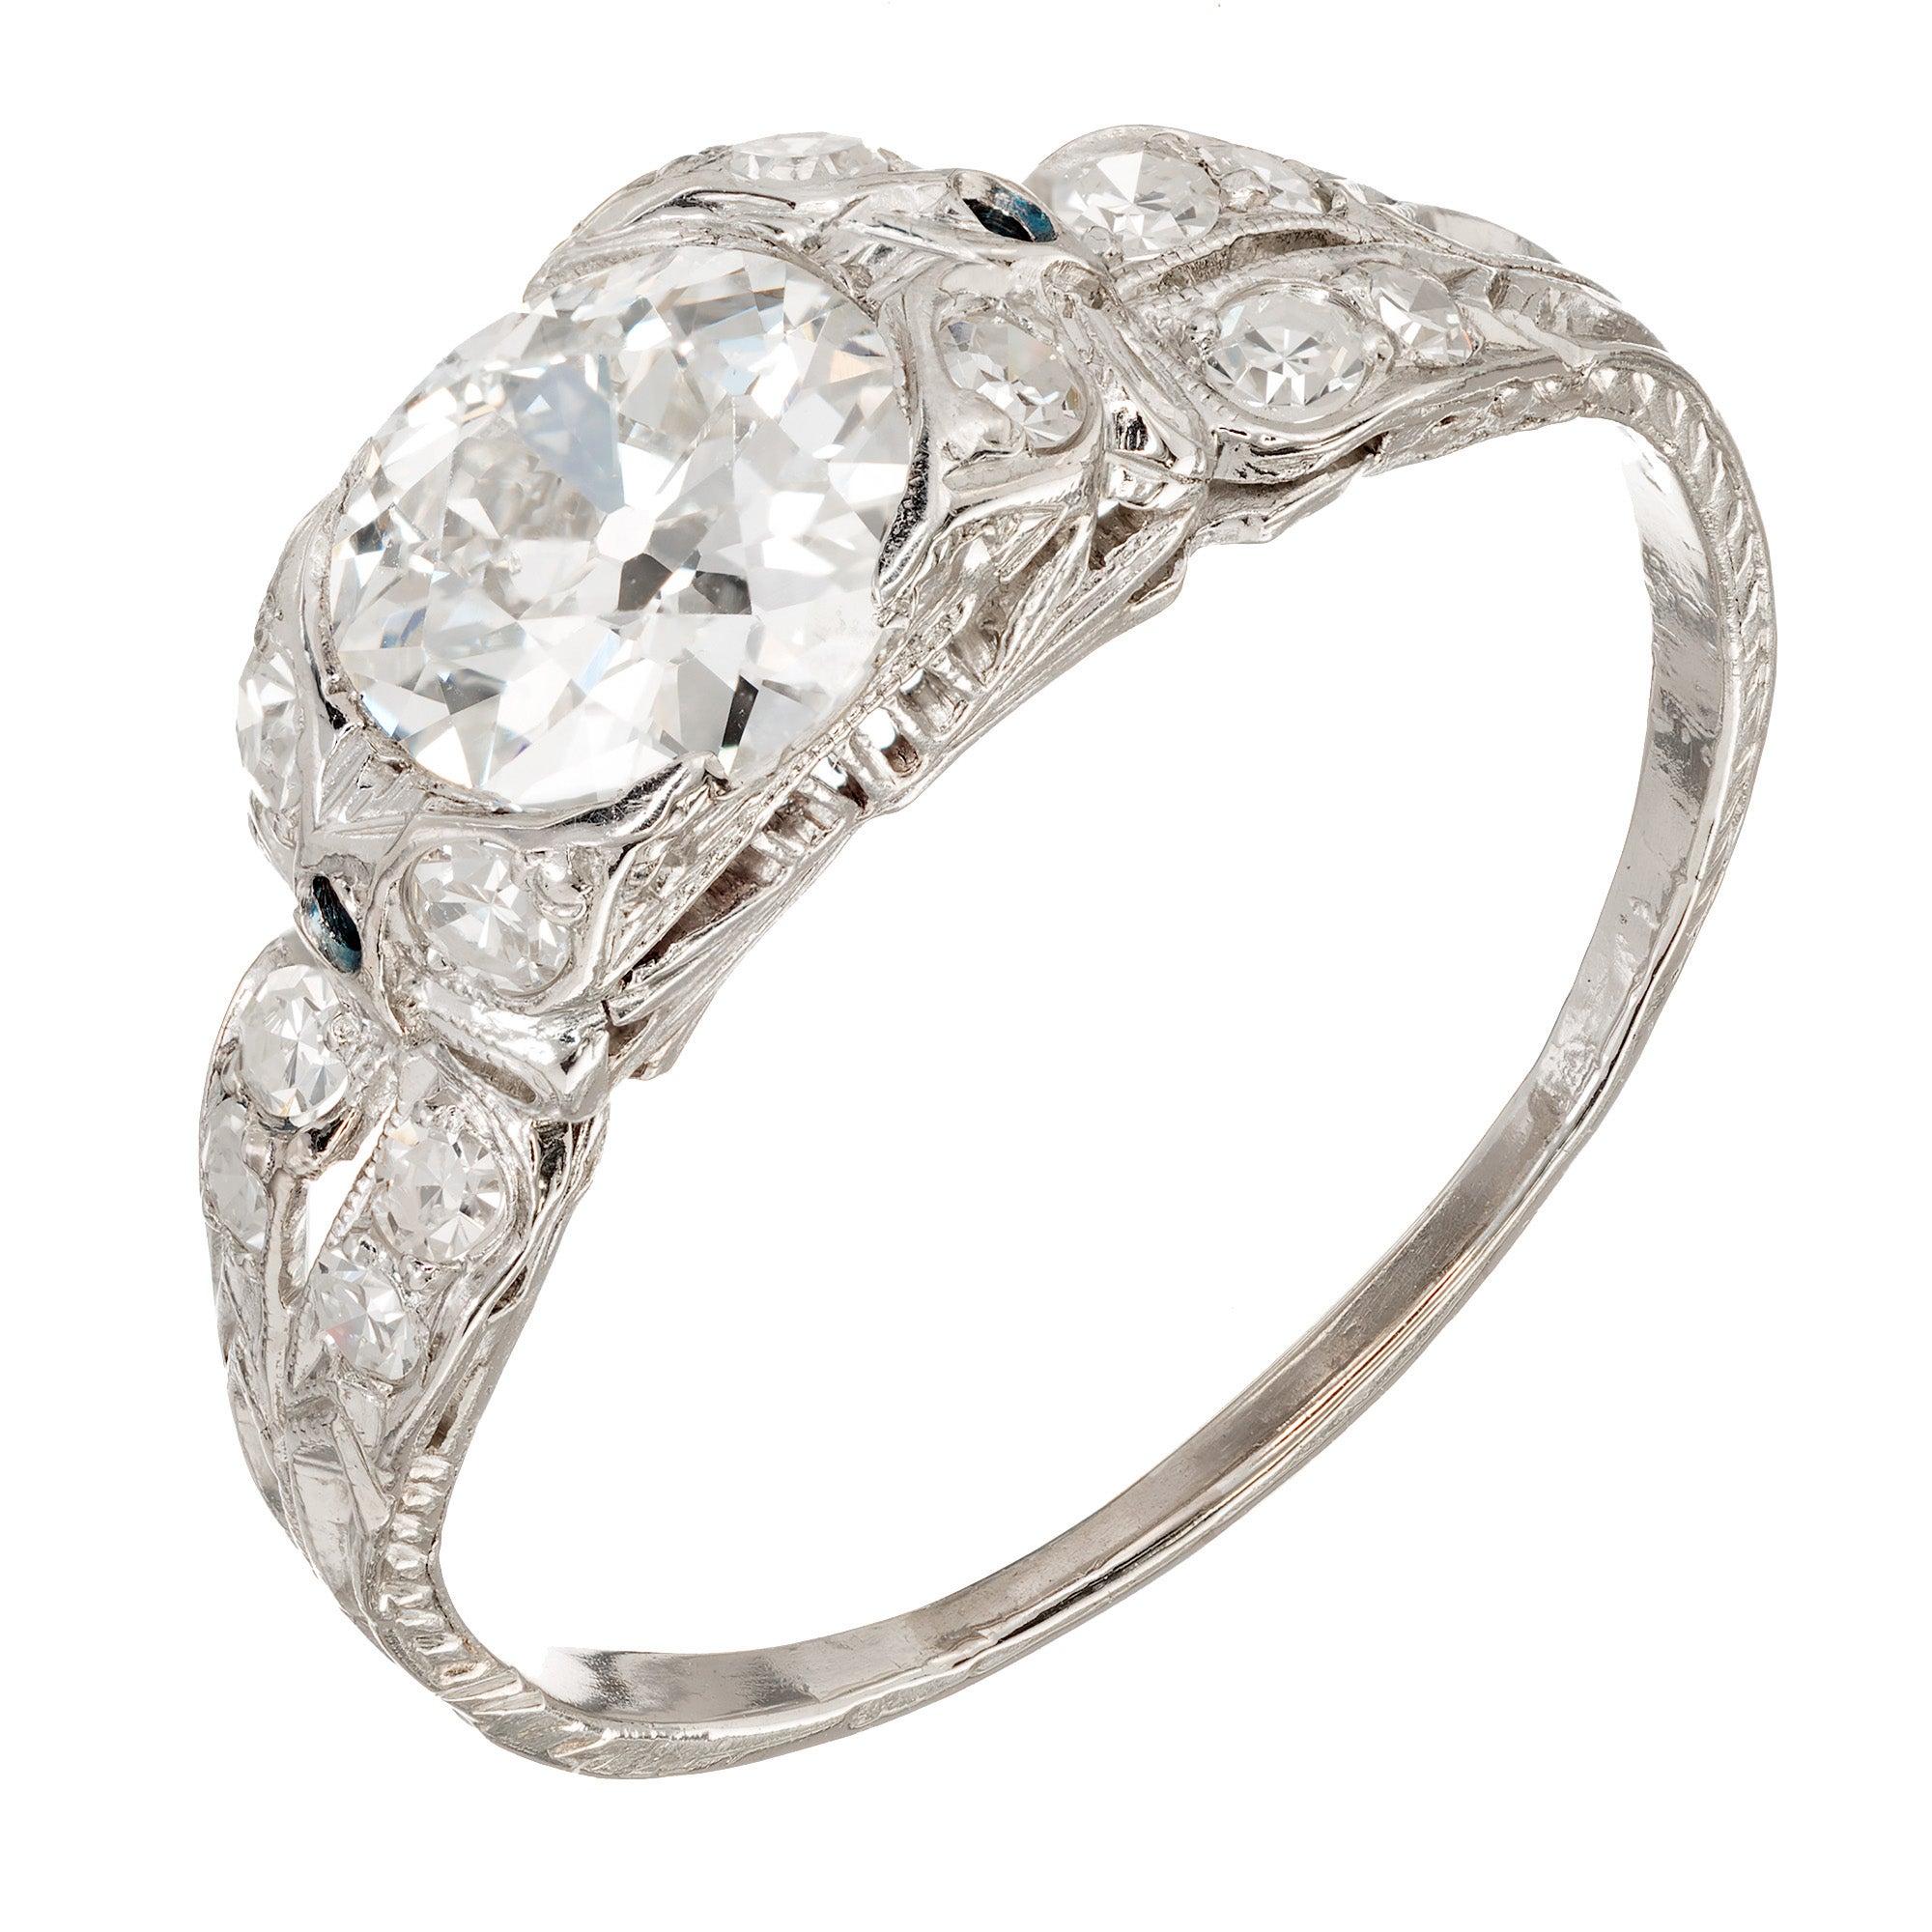 1.17 Carat Old European Cut Diamond Edwardian Platinum Engagement Ring